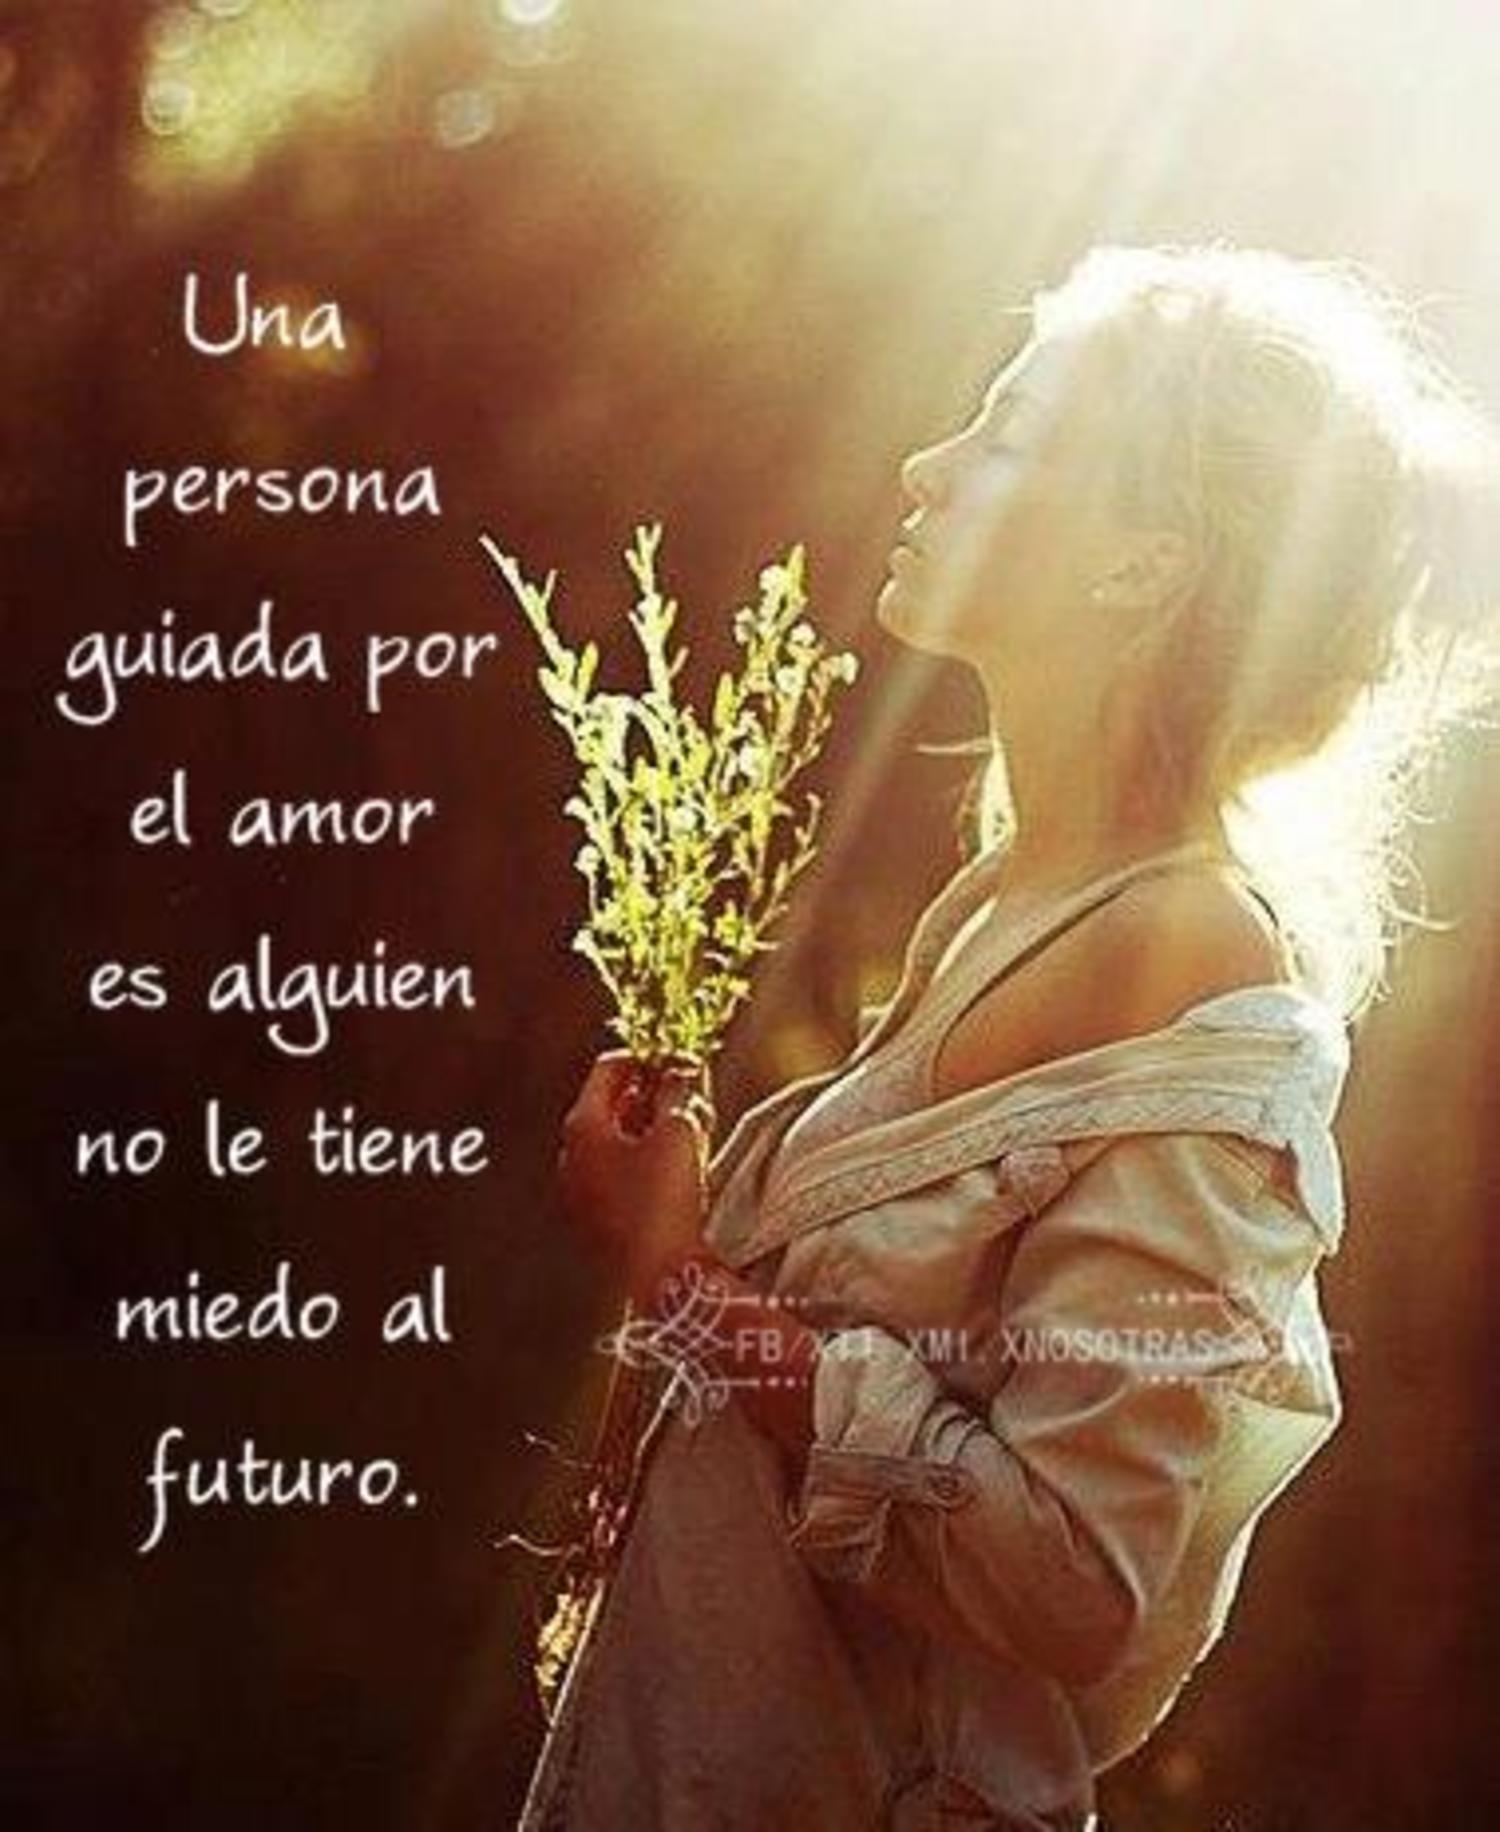 una persona guiada por el amor es alguien no le tiene miedo al futuro